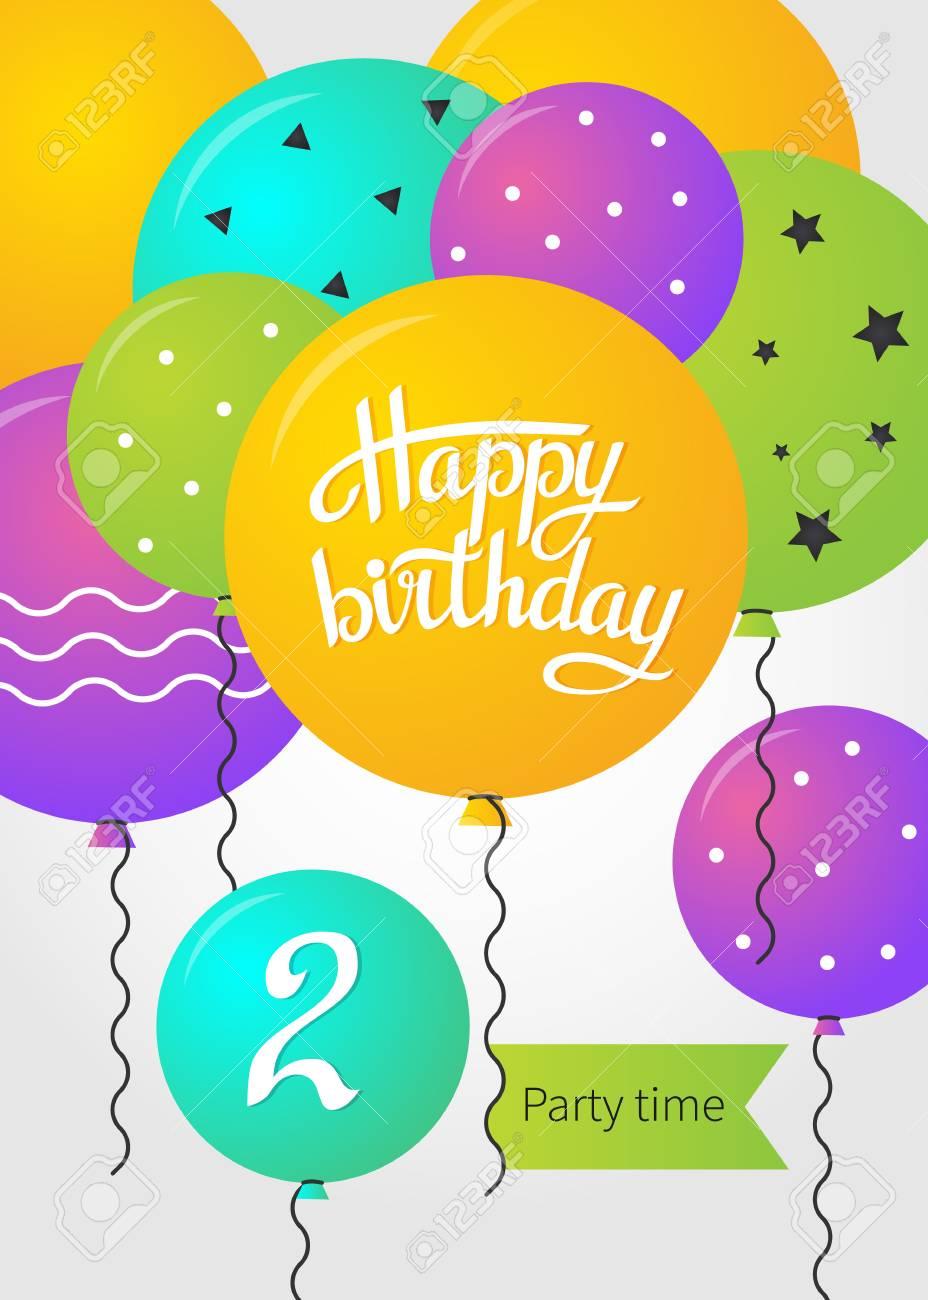 Modele De Carte De Joyeux Anniversaire Avec Des Ballons 2 Ans